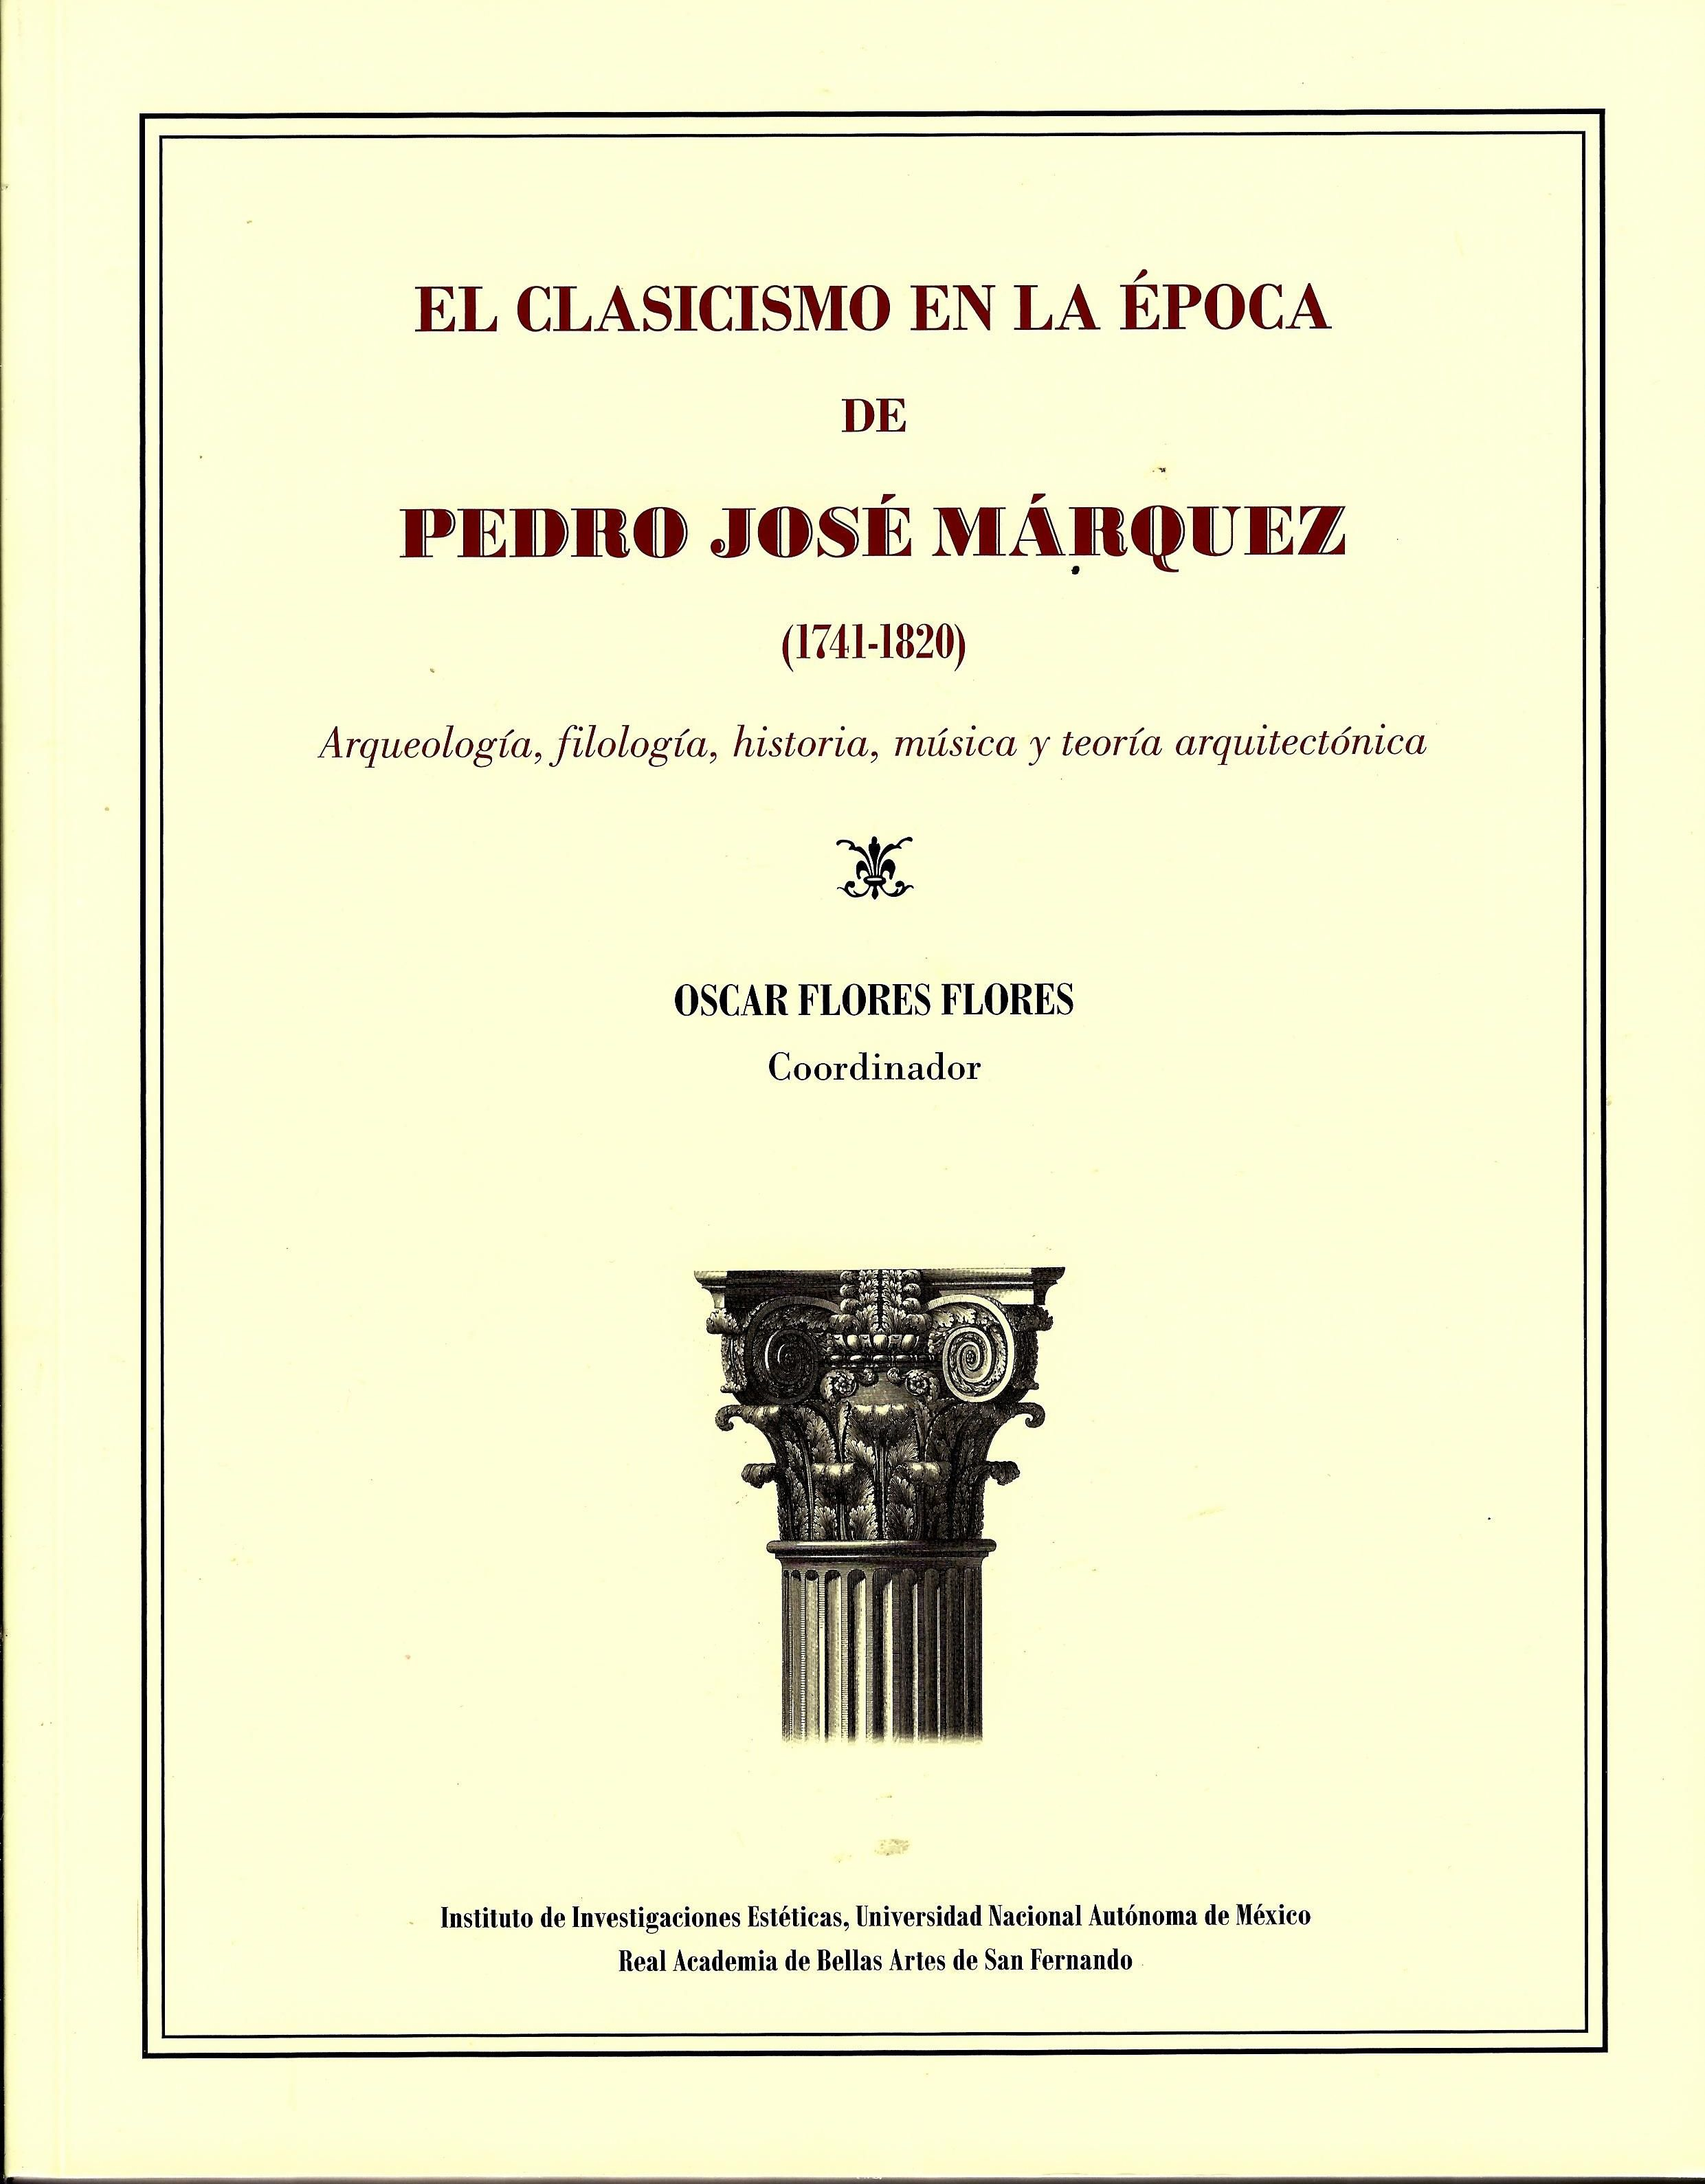 El clasicismo en la época de Pedro José Márquez (1741-1820). Arqueología, filología, historia, música y teoría arquitectónica